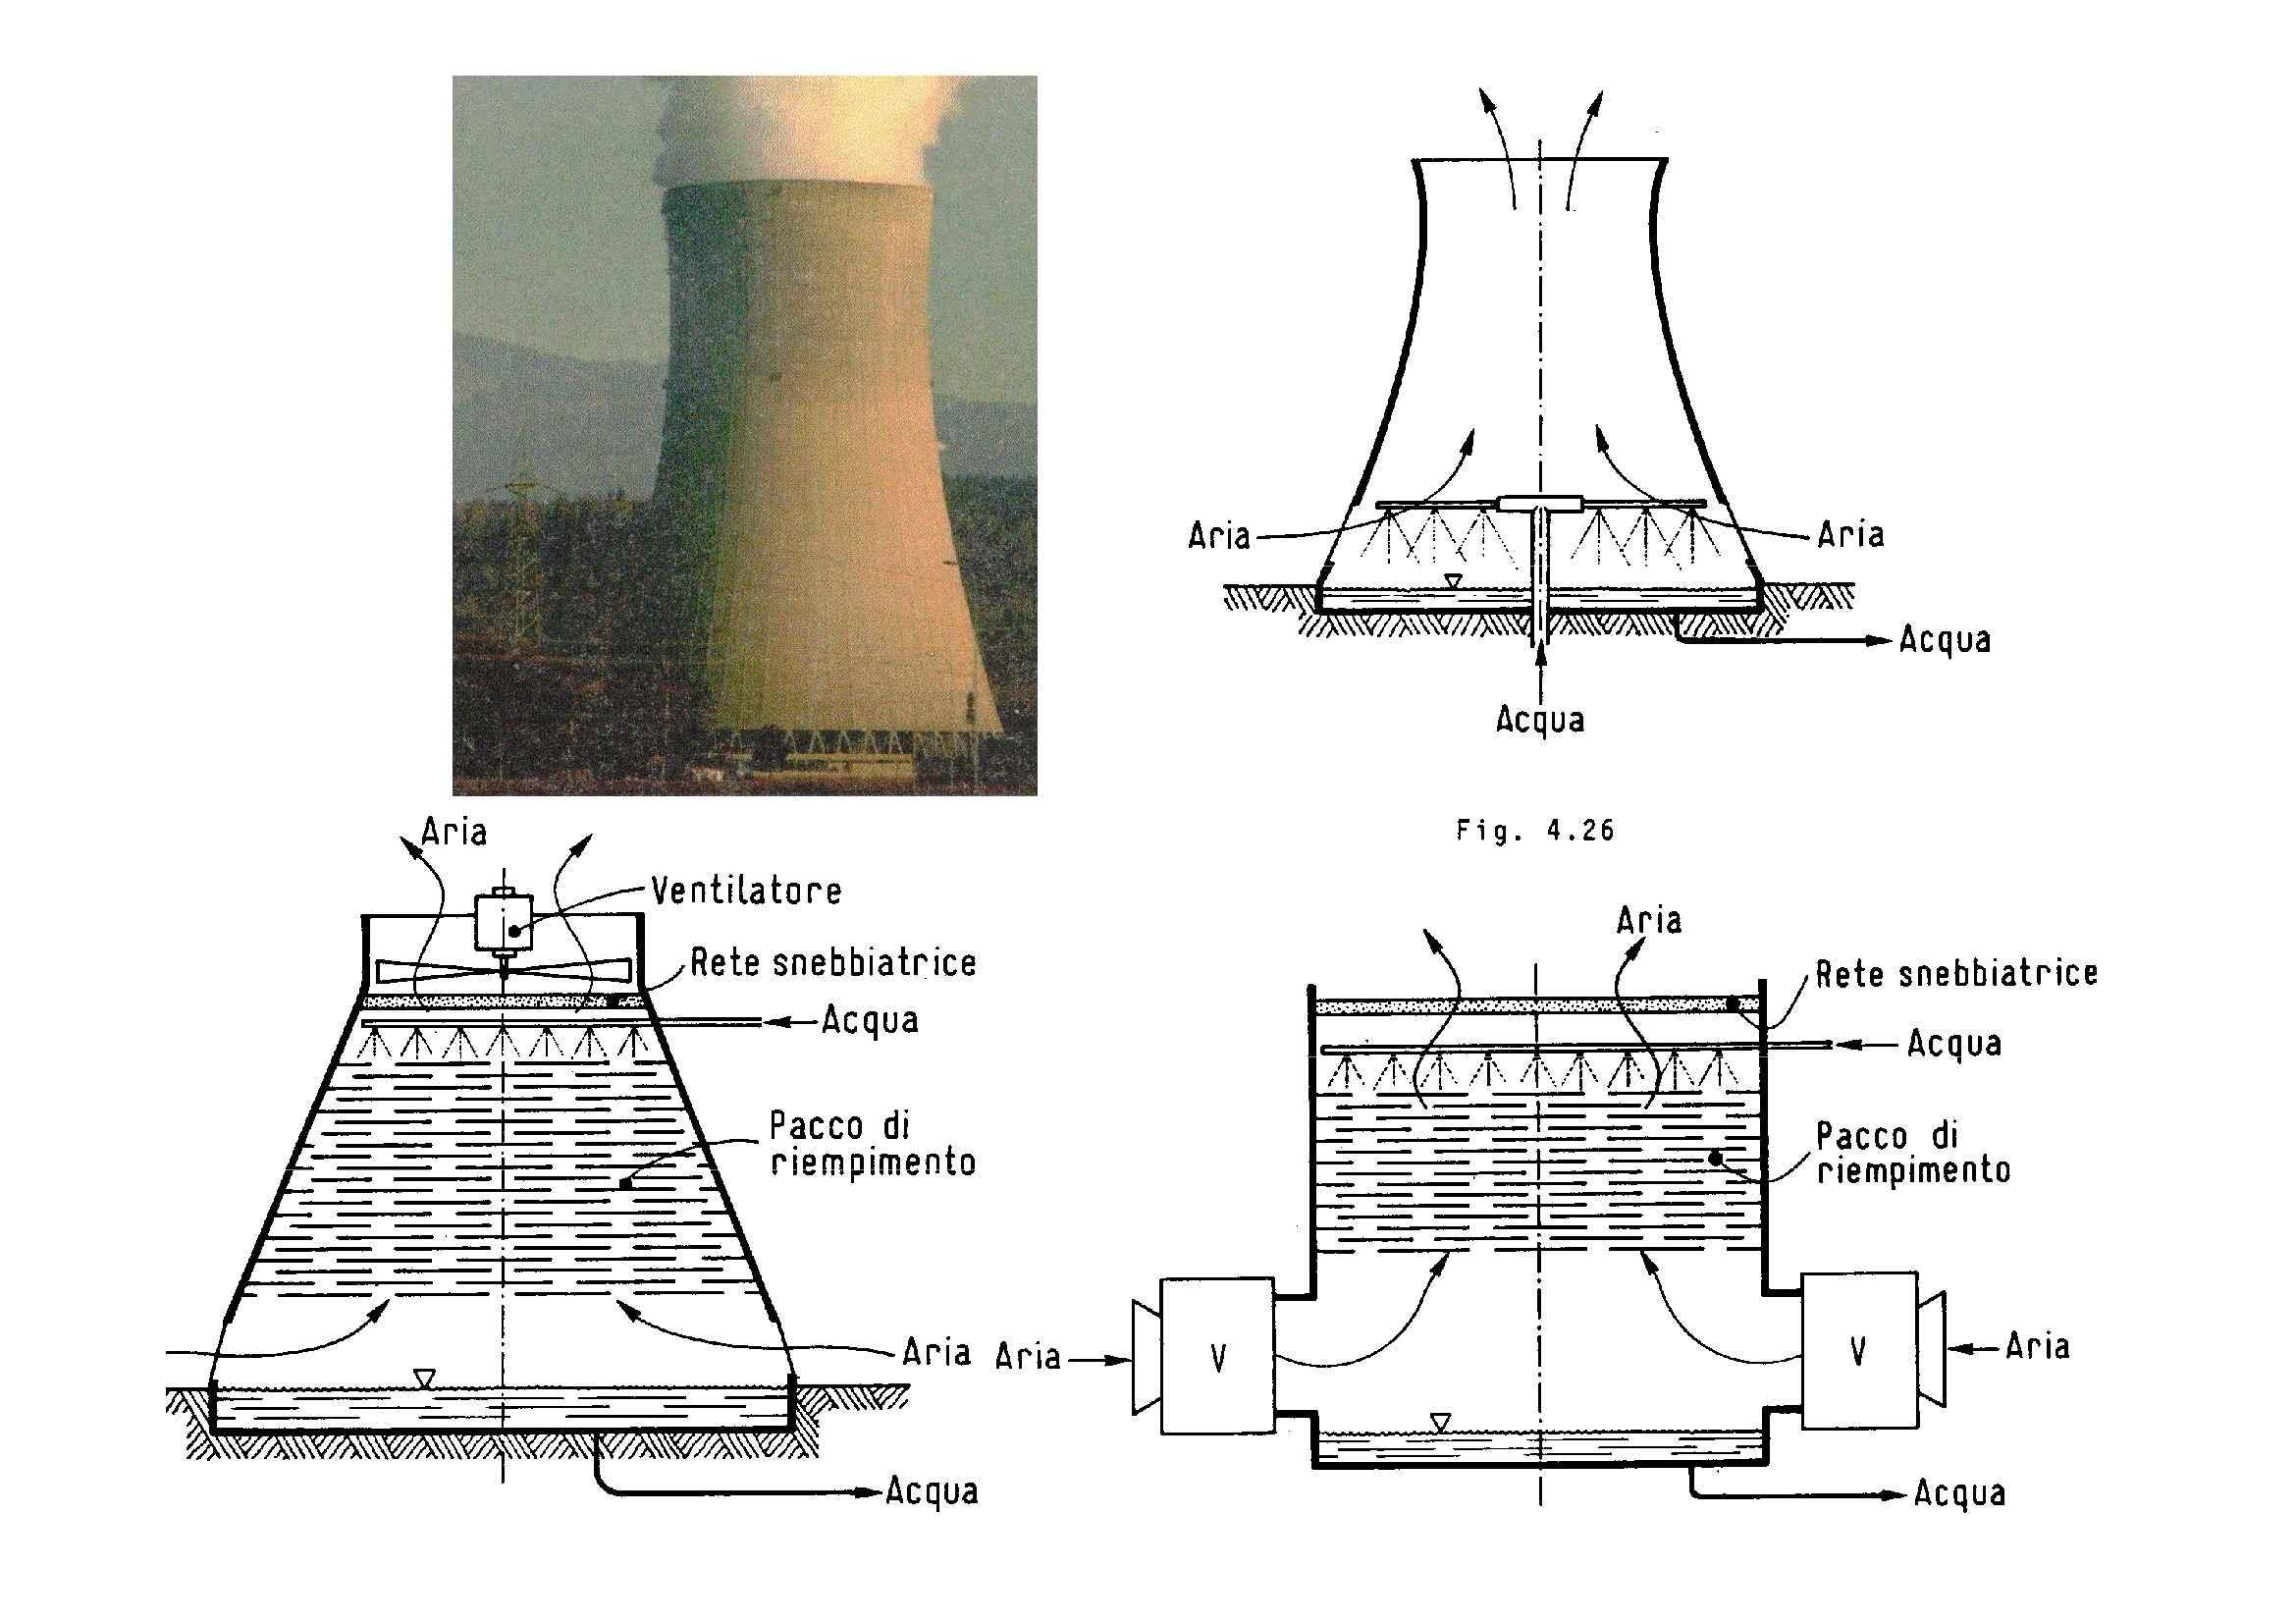 Scambiatori di calore - Scambiatore a piastre